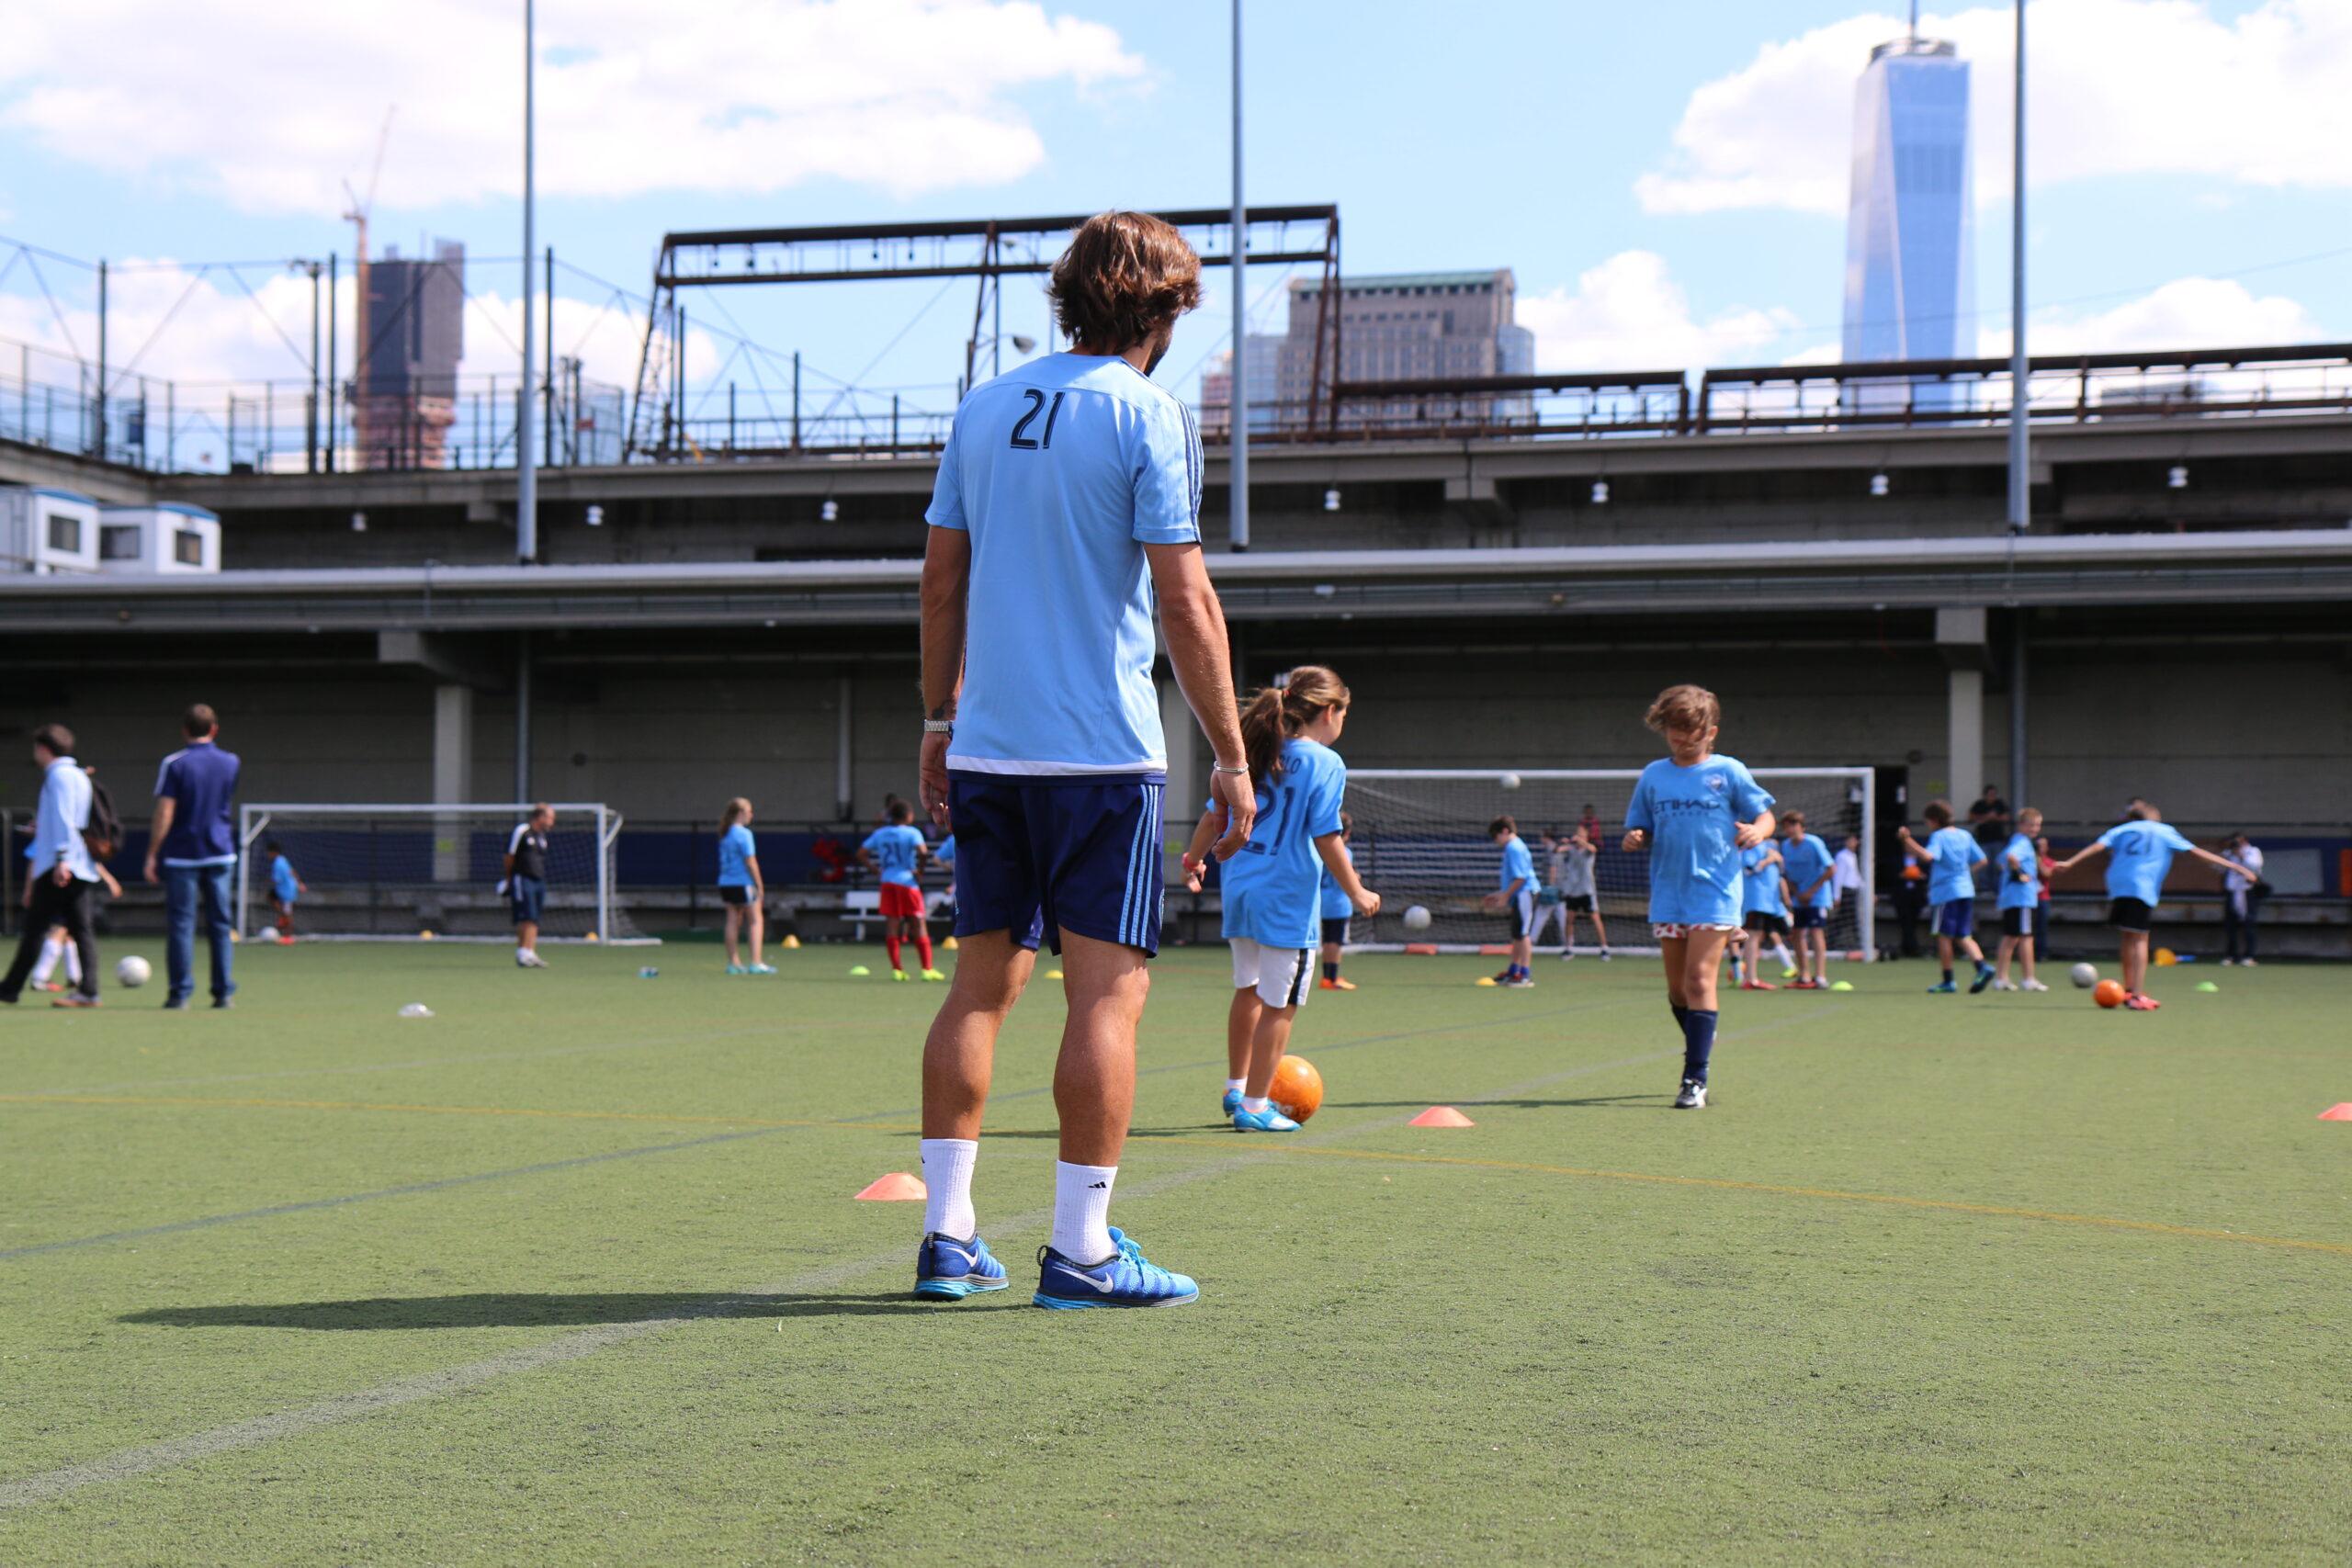 pier 40 soccer fields